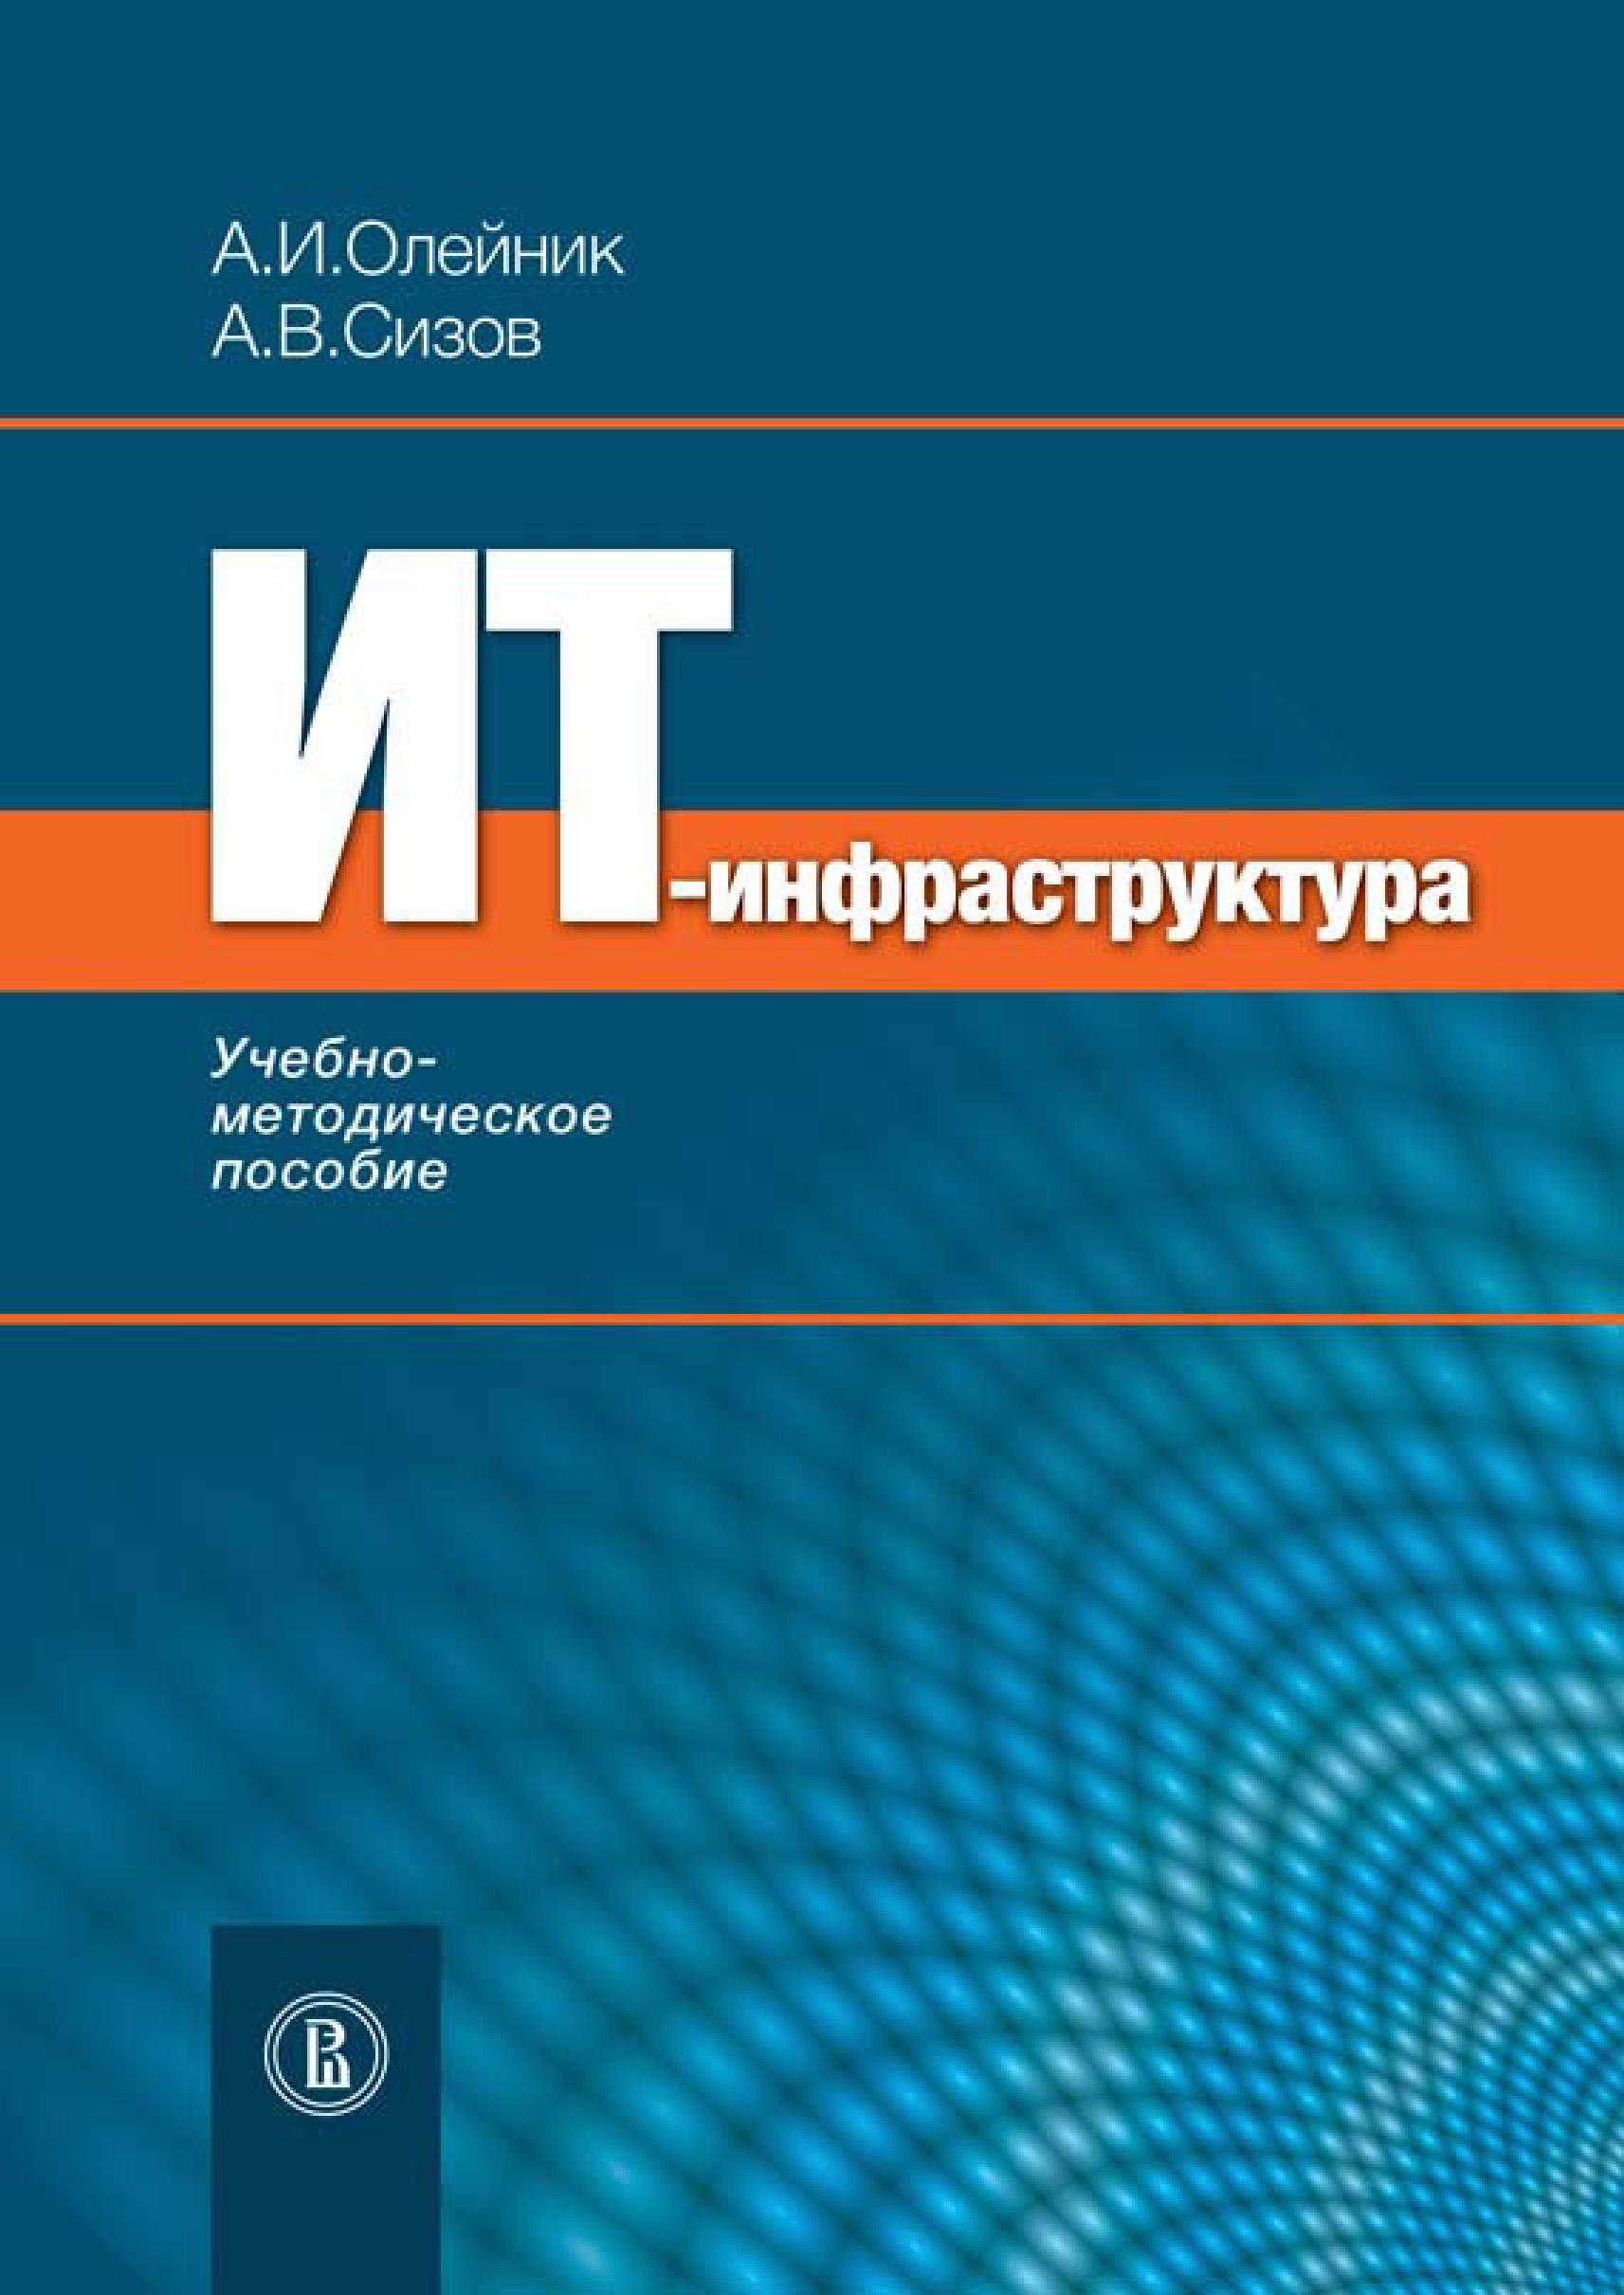 А. Олейник, Алексей Сизов «ИТ-инфрастуктура: учебно-методическое пособие»